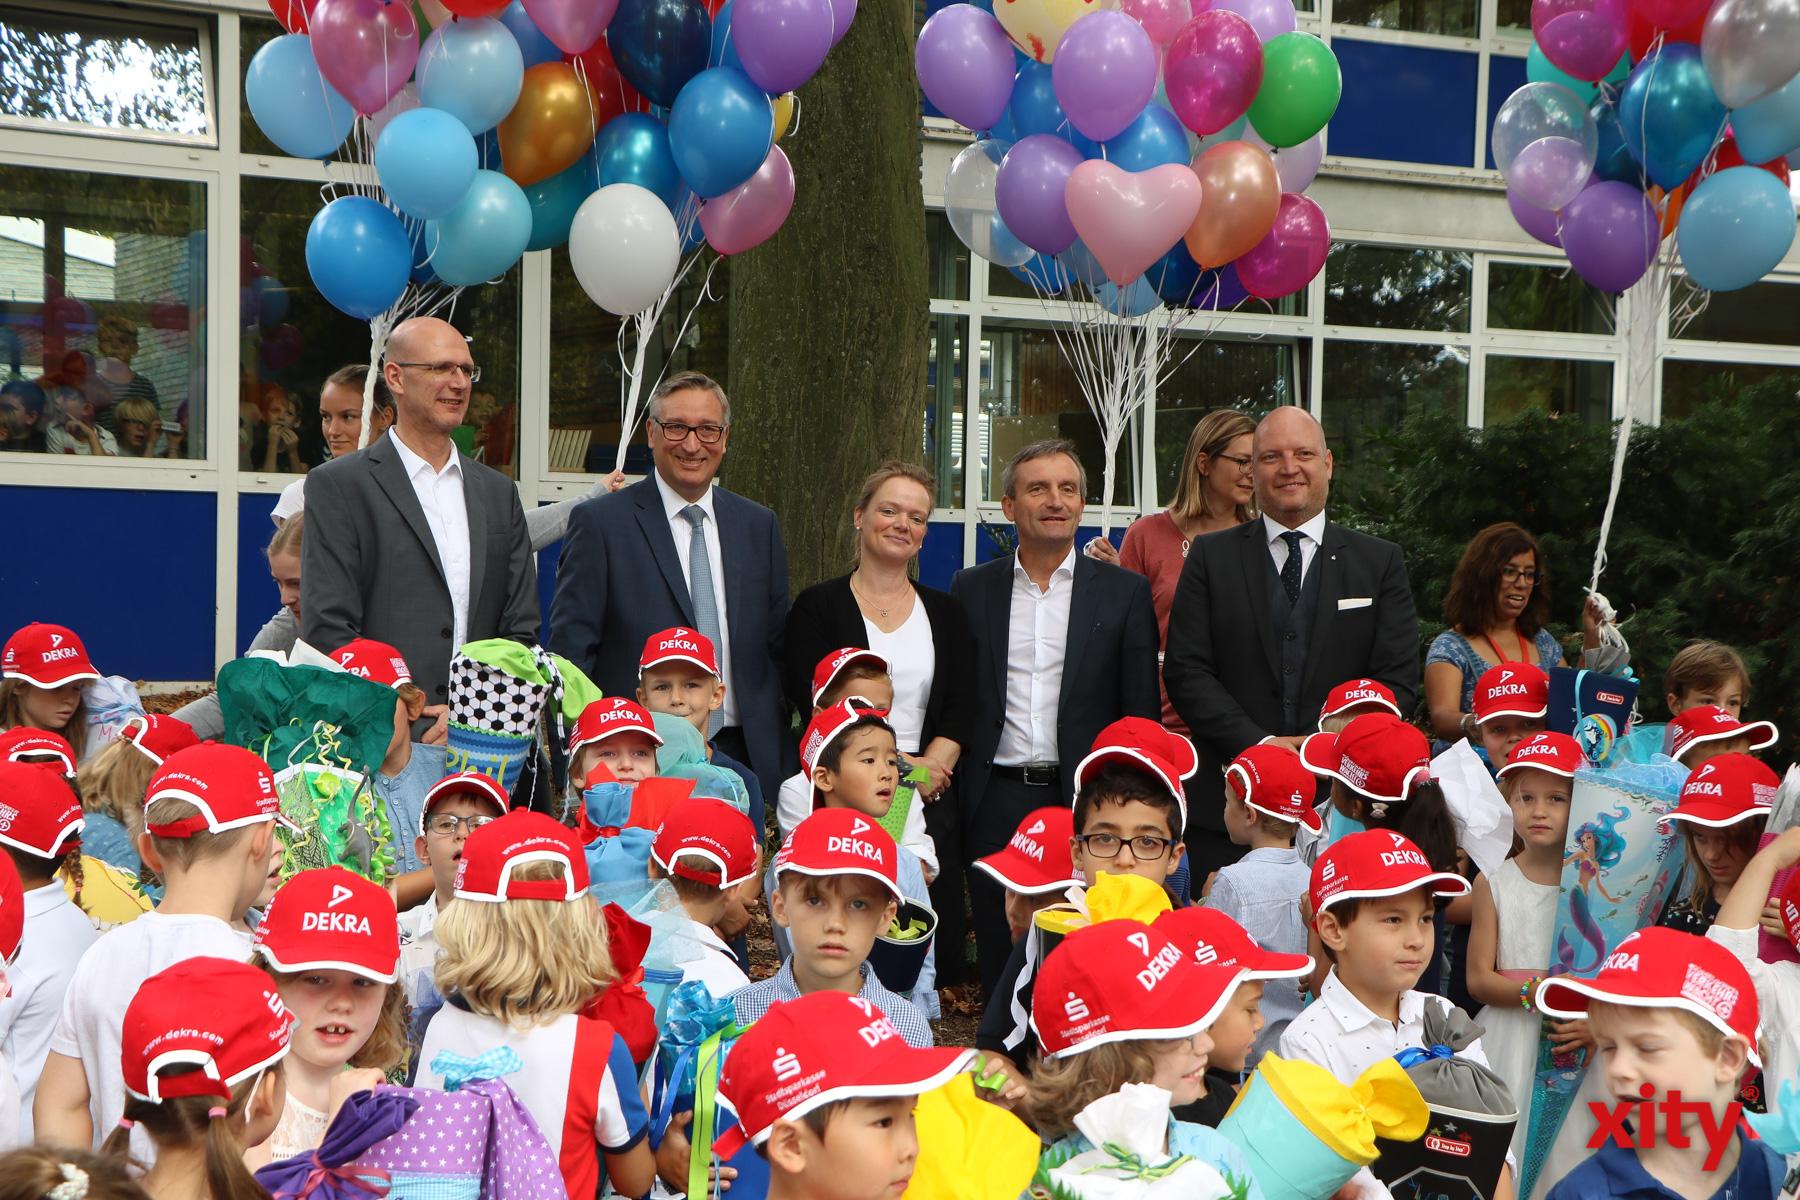 An der Brehmschule in Düsseldorf wurde der erste Schultag besonders gefeiert (Foto: xity)